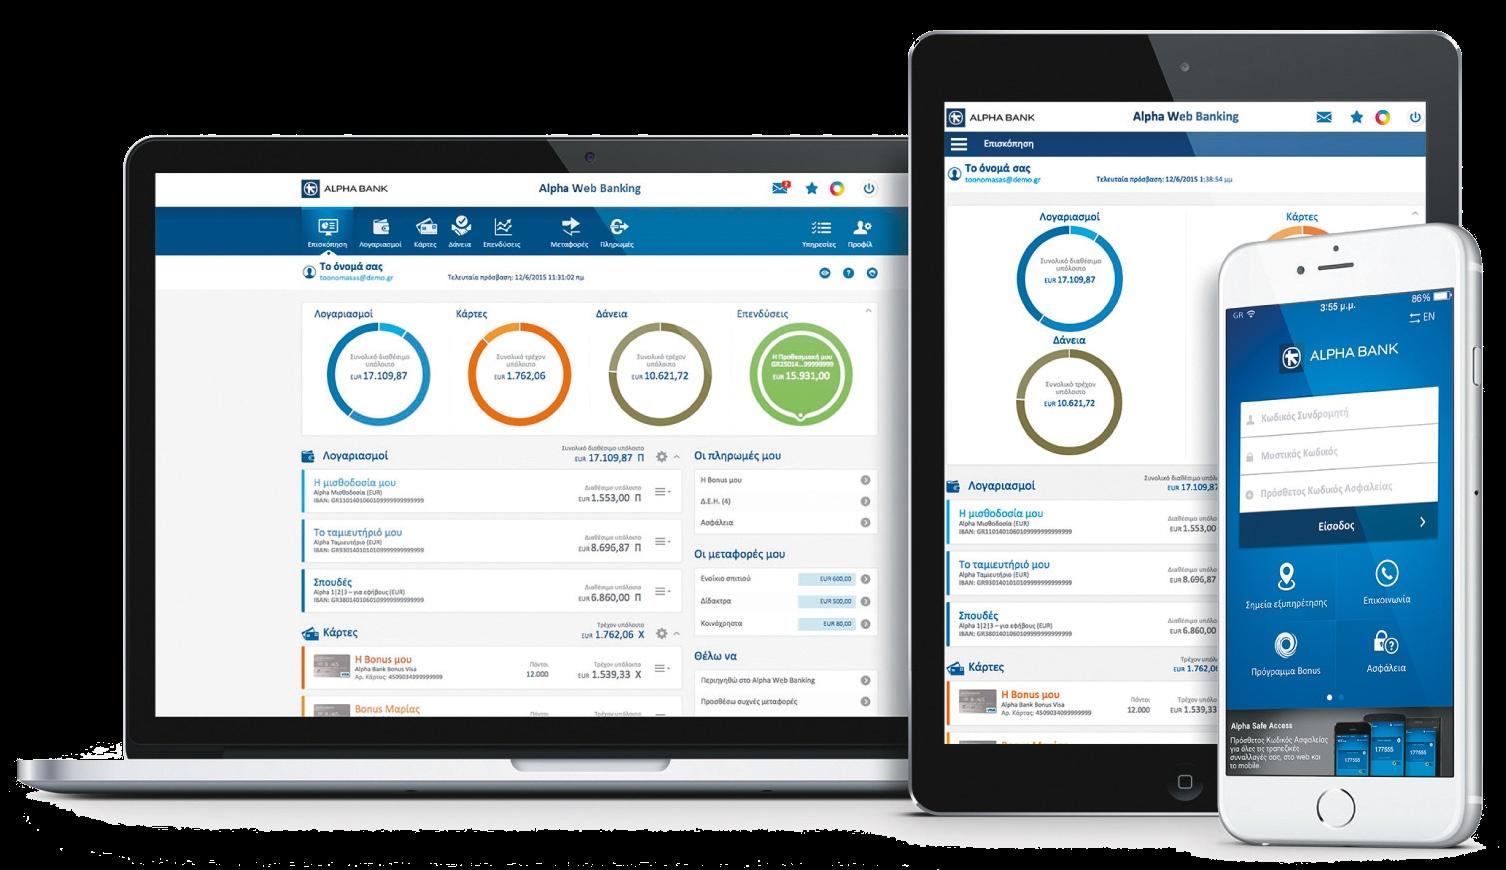 ALPHA Bank e-Banking redesign